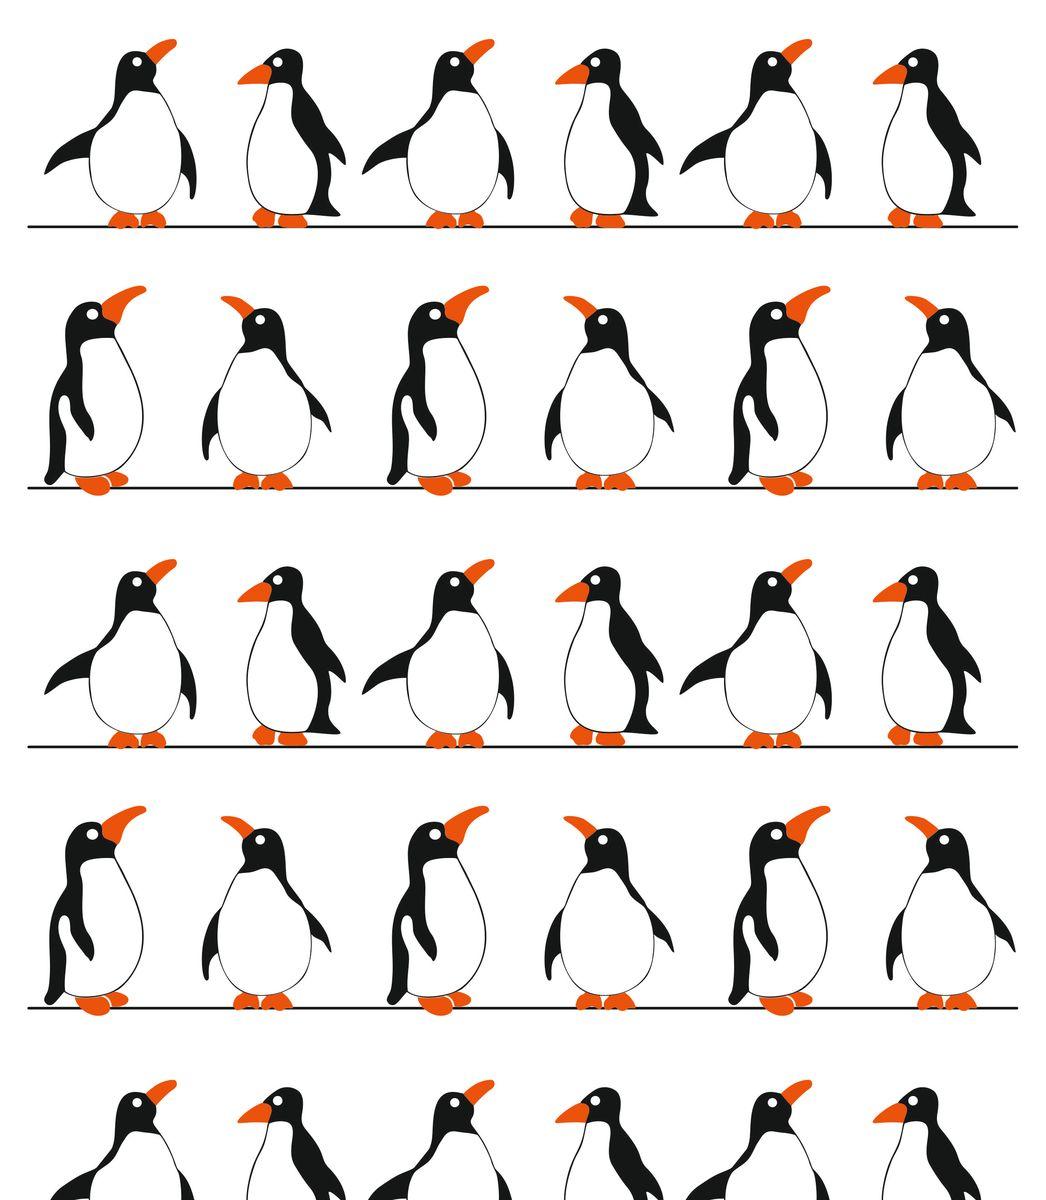 Штора для ванной комнаты Vanstore Пингвины, цвет: белый, черный, оранжевый, 180 х 180 см391602Штора для ванной комнаты Vanstore Пингвины имеет специальную водоотталкивающую пропитку и антигрибковое покрытие. Штора быстро сохнет, легко моется и обладает повышенной износостойкостью. Снабжена утяжеляющей полоской, не позволяющей занавеске мяться.